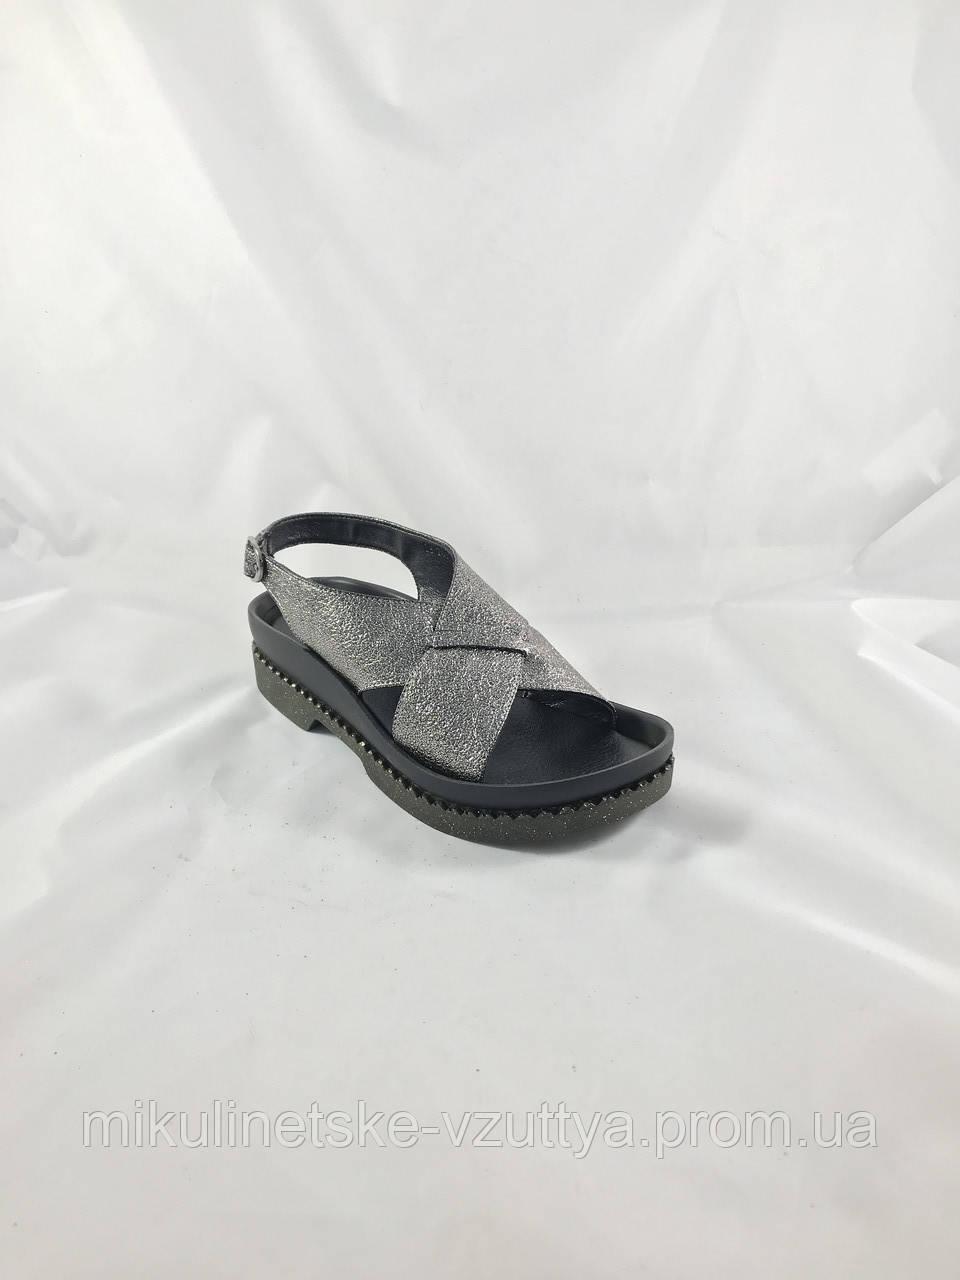 01fedf666b510e Босоніжки жіночі D&V 2703 на ремінці, без каблука - Микулинецьке взуття